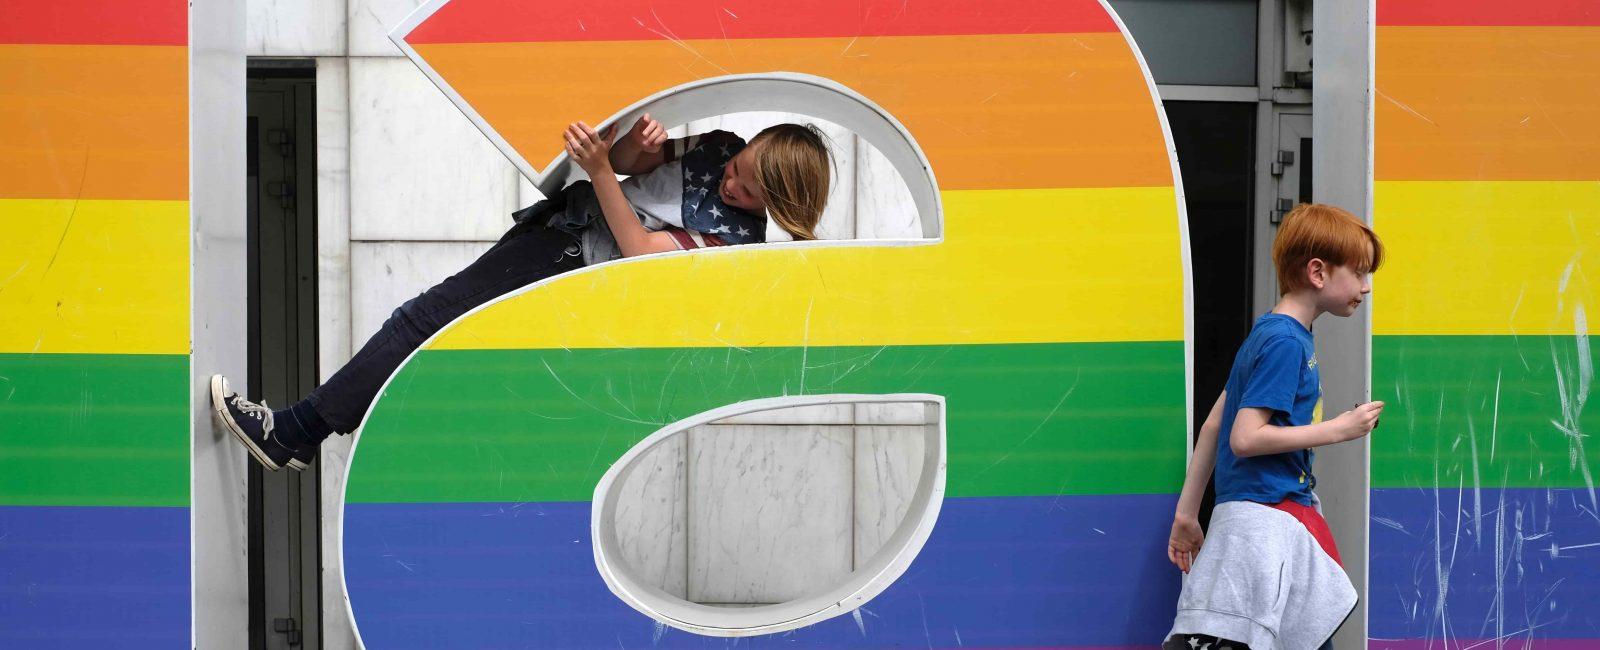 Le campagne rainbow più belle per il Milano Pride